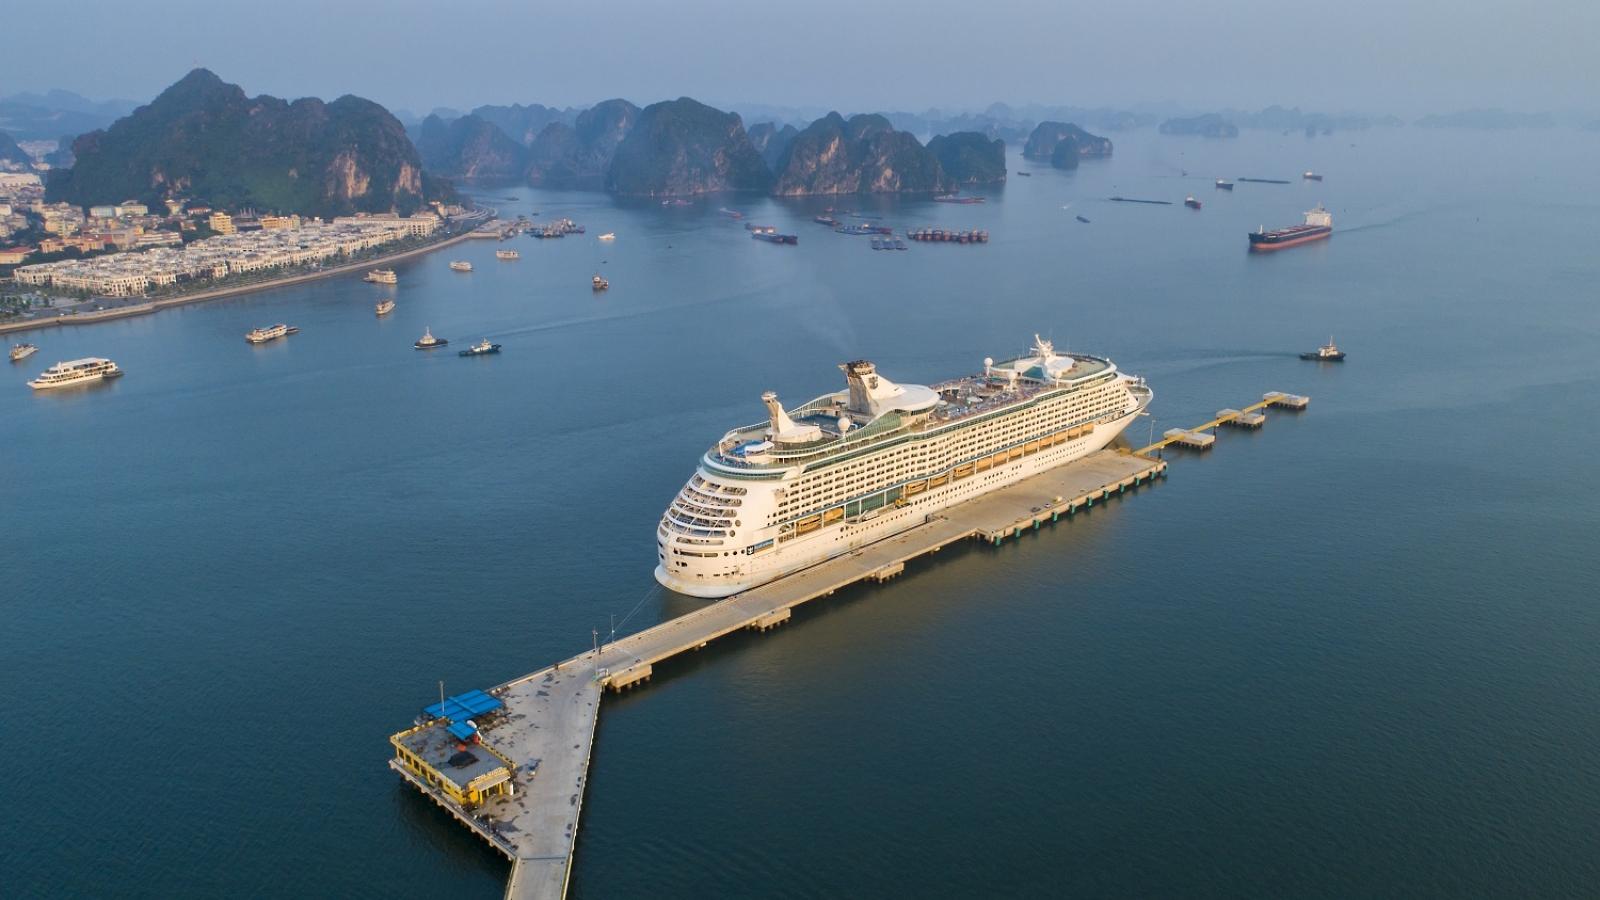 Bến du thuyền - biểu tượng xa xỉ tạo nên bất động sản đắt giá